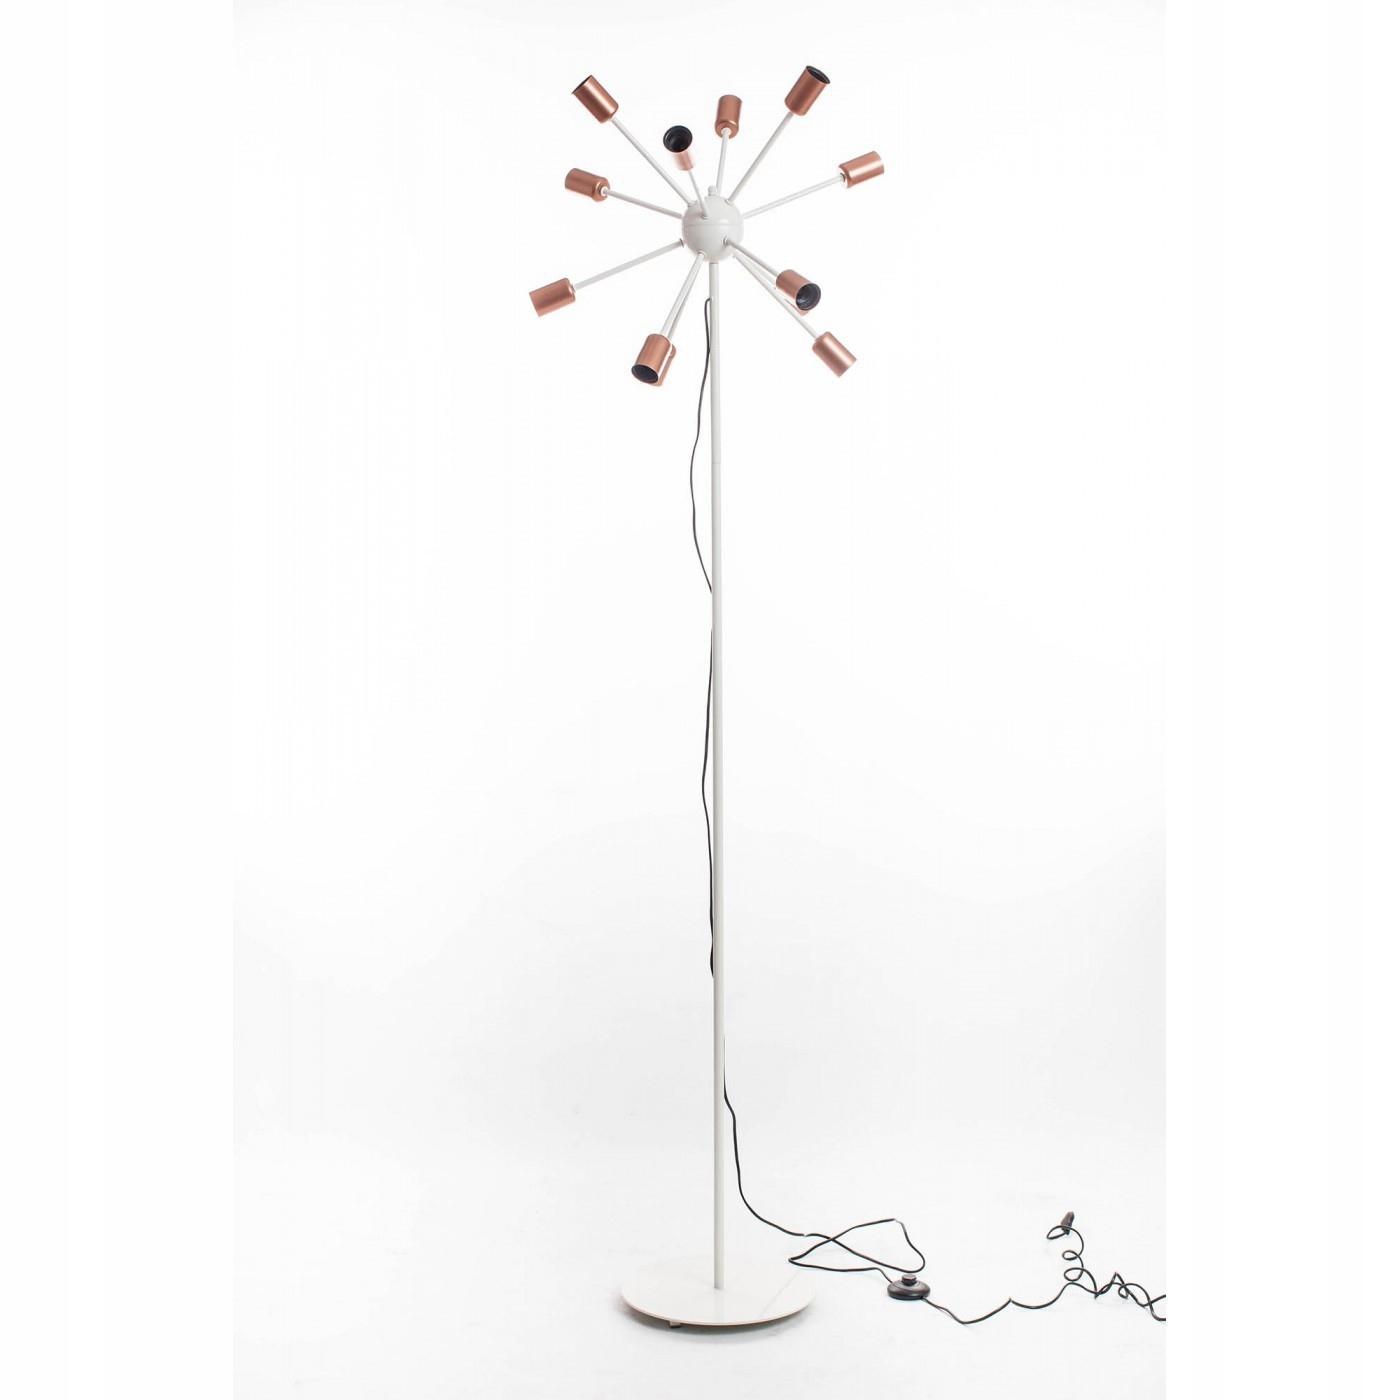 Podlahová lampa LÚČE, 12 s., 190 cm béžová + meď